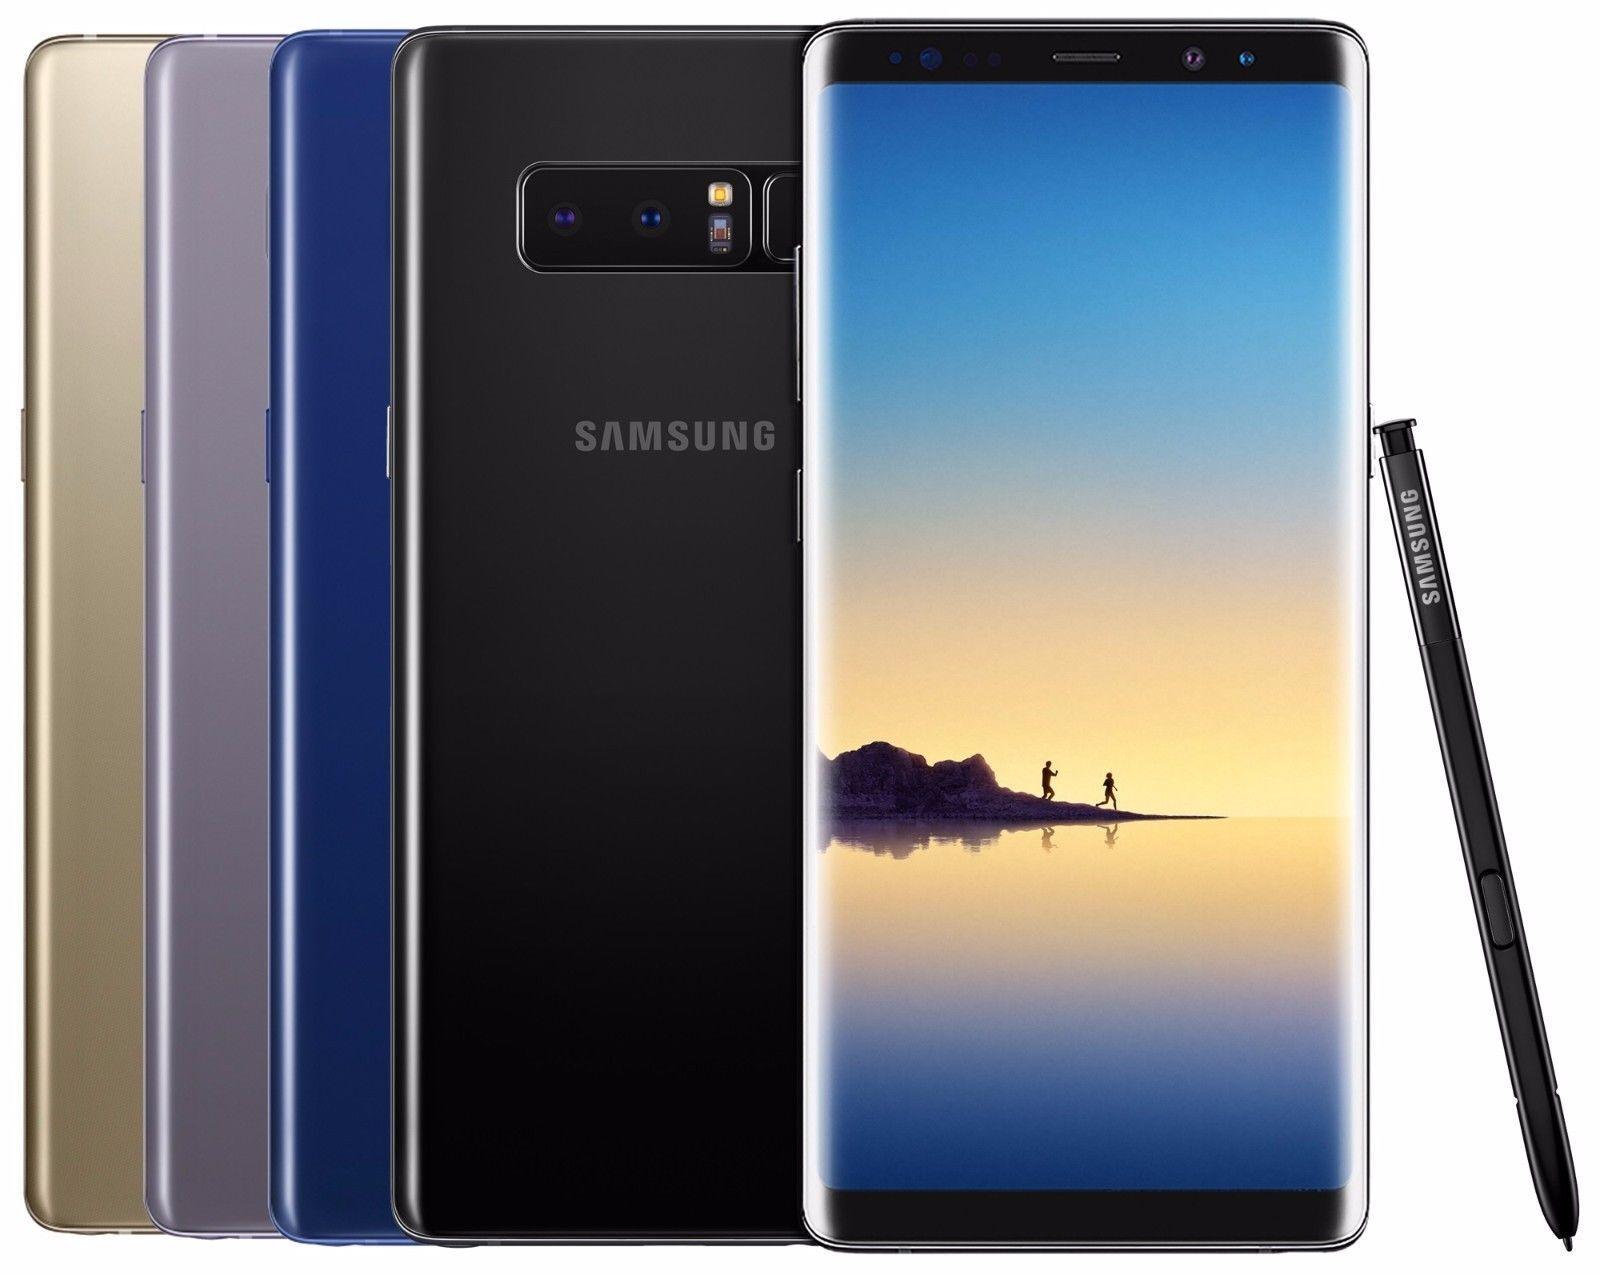 Samsung Galaxy Note 8 64GB (SM-N950U1, Factory Unlocked GSM+CDMA)